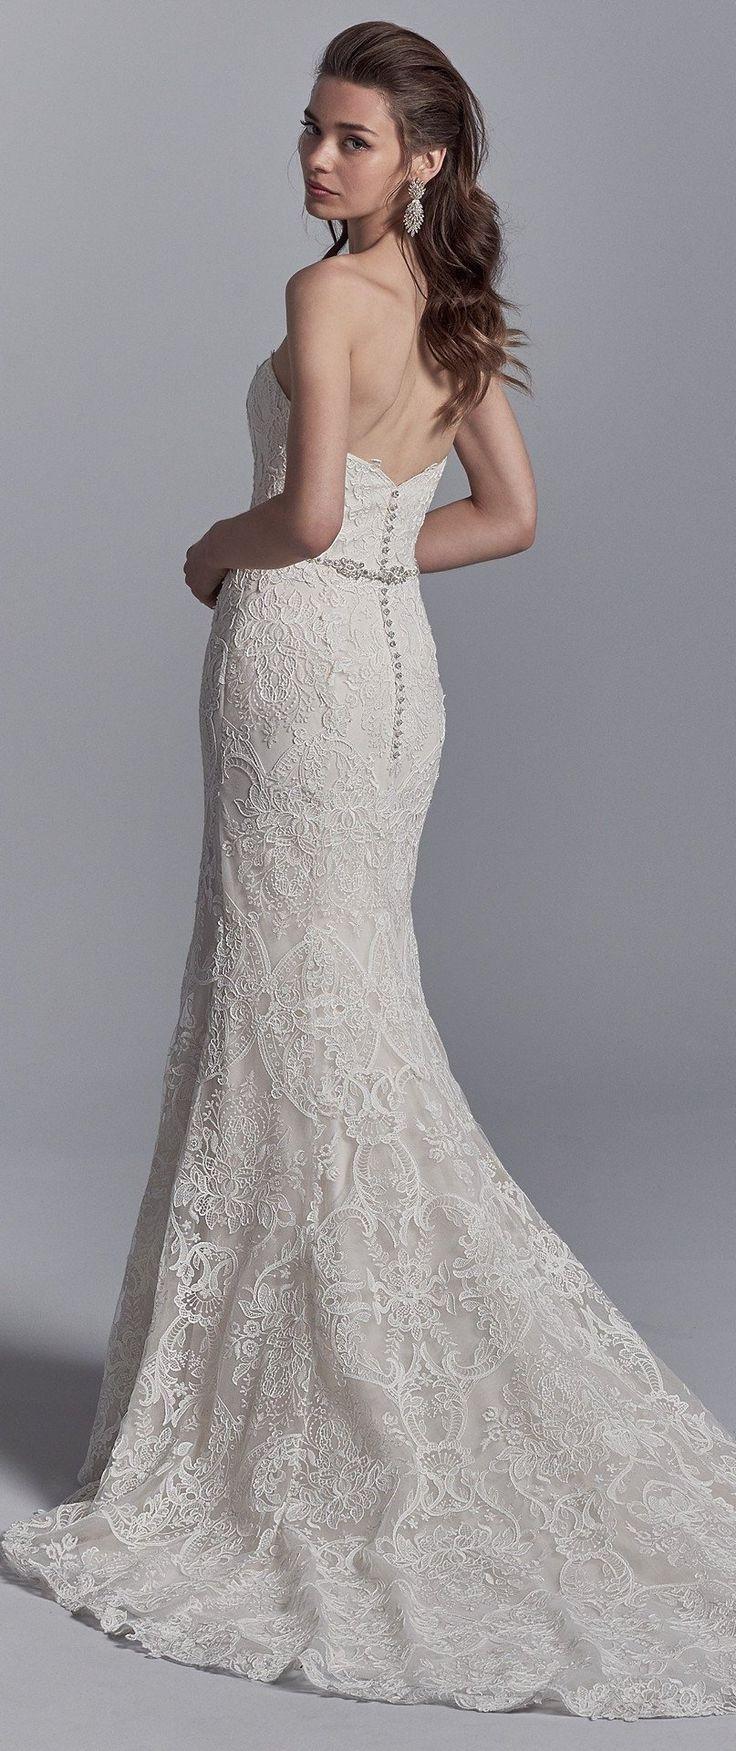 Hochzeit - Maggie Sottero Wedding Dresses